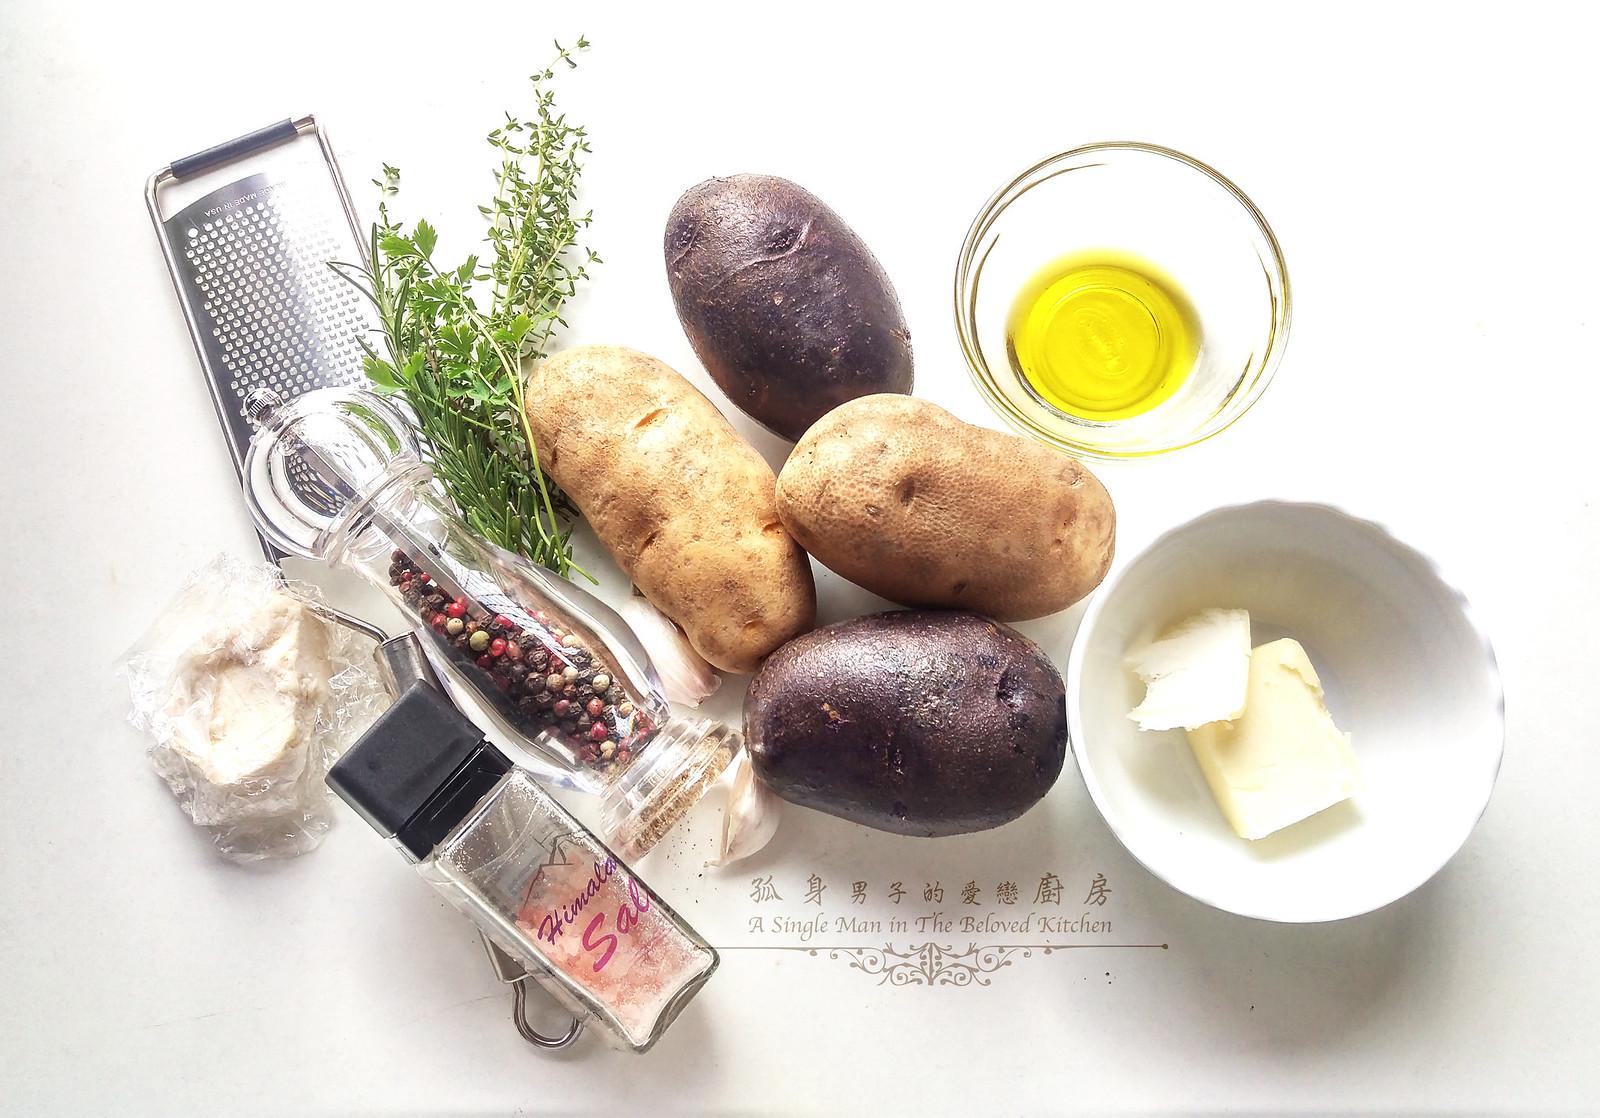 孤身廚房-香草烤雙色馬鈴薯──好吃又簡單的烤箱料理1